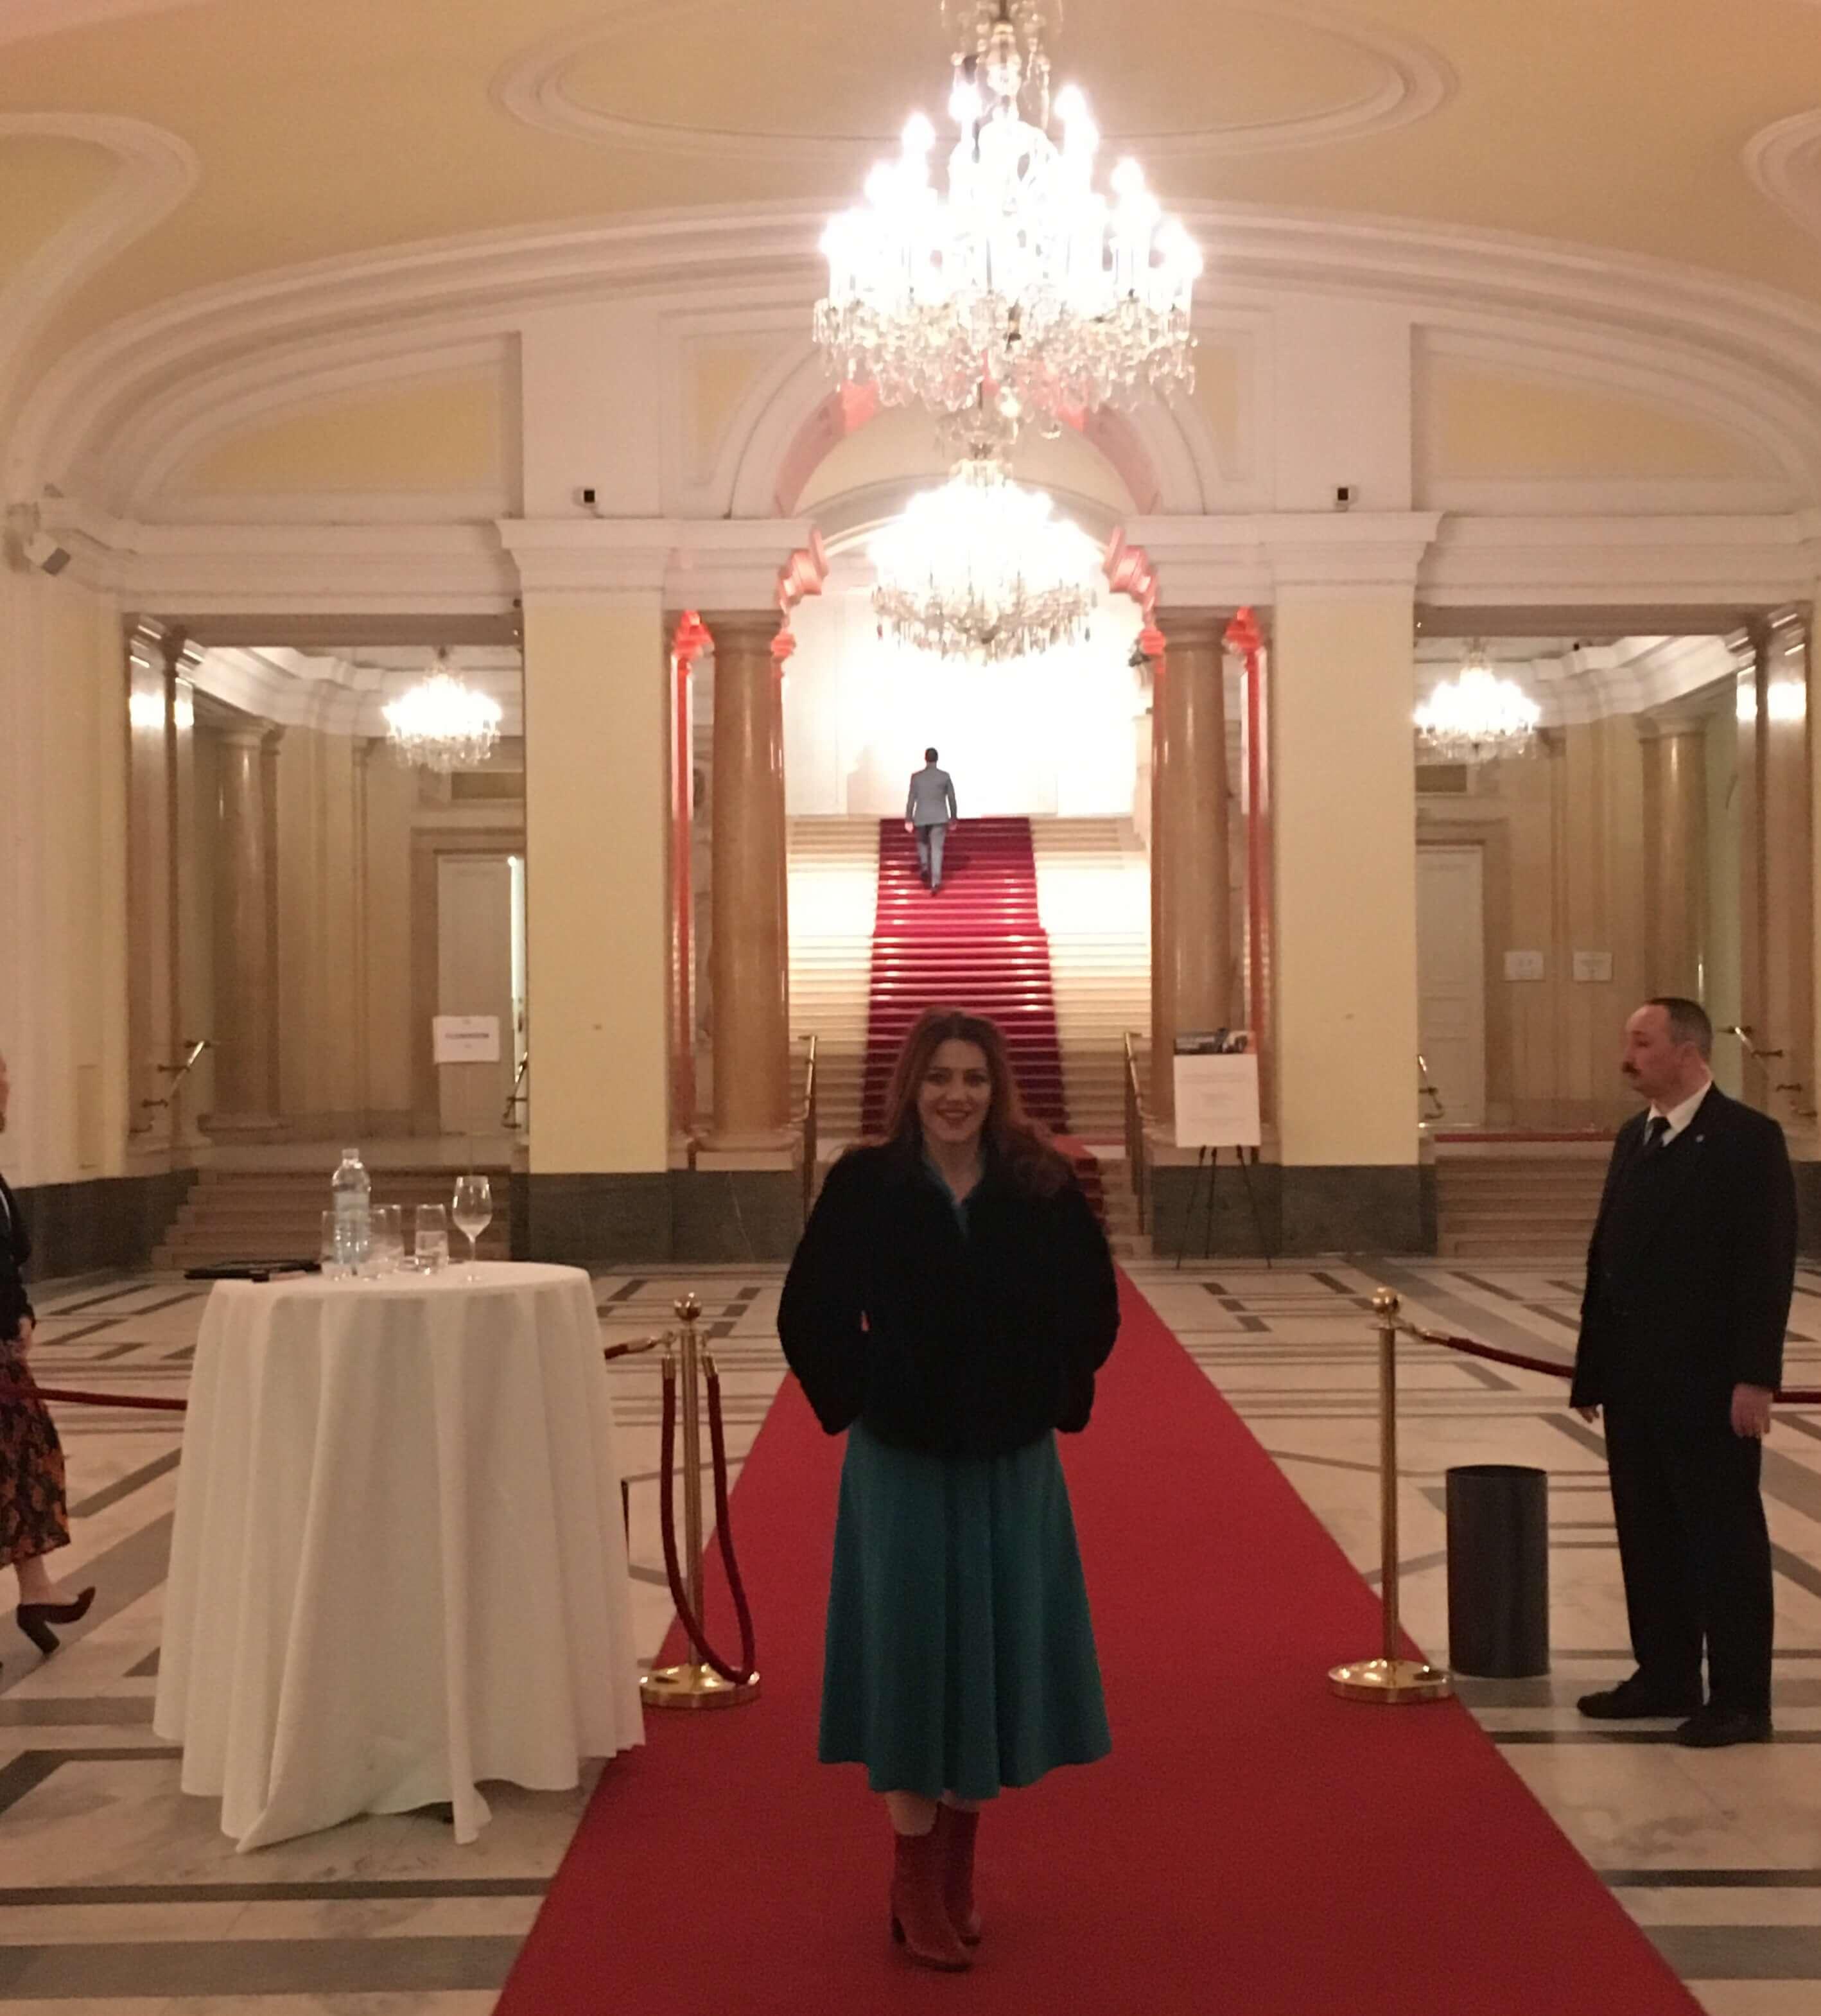 La serata con il mio monologo su Hedy Lamarr a Vienna, proprio dove è nata…tutto magnifico!